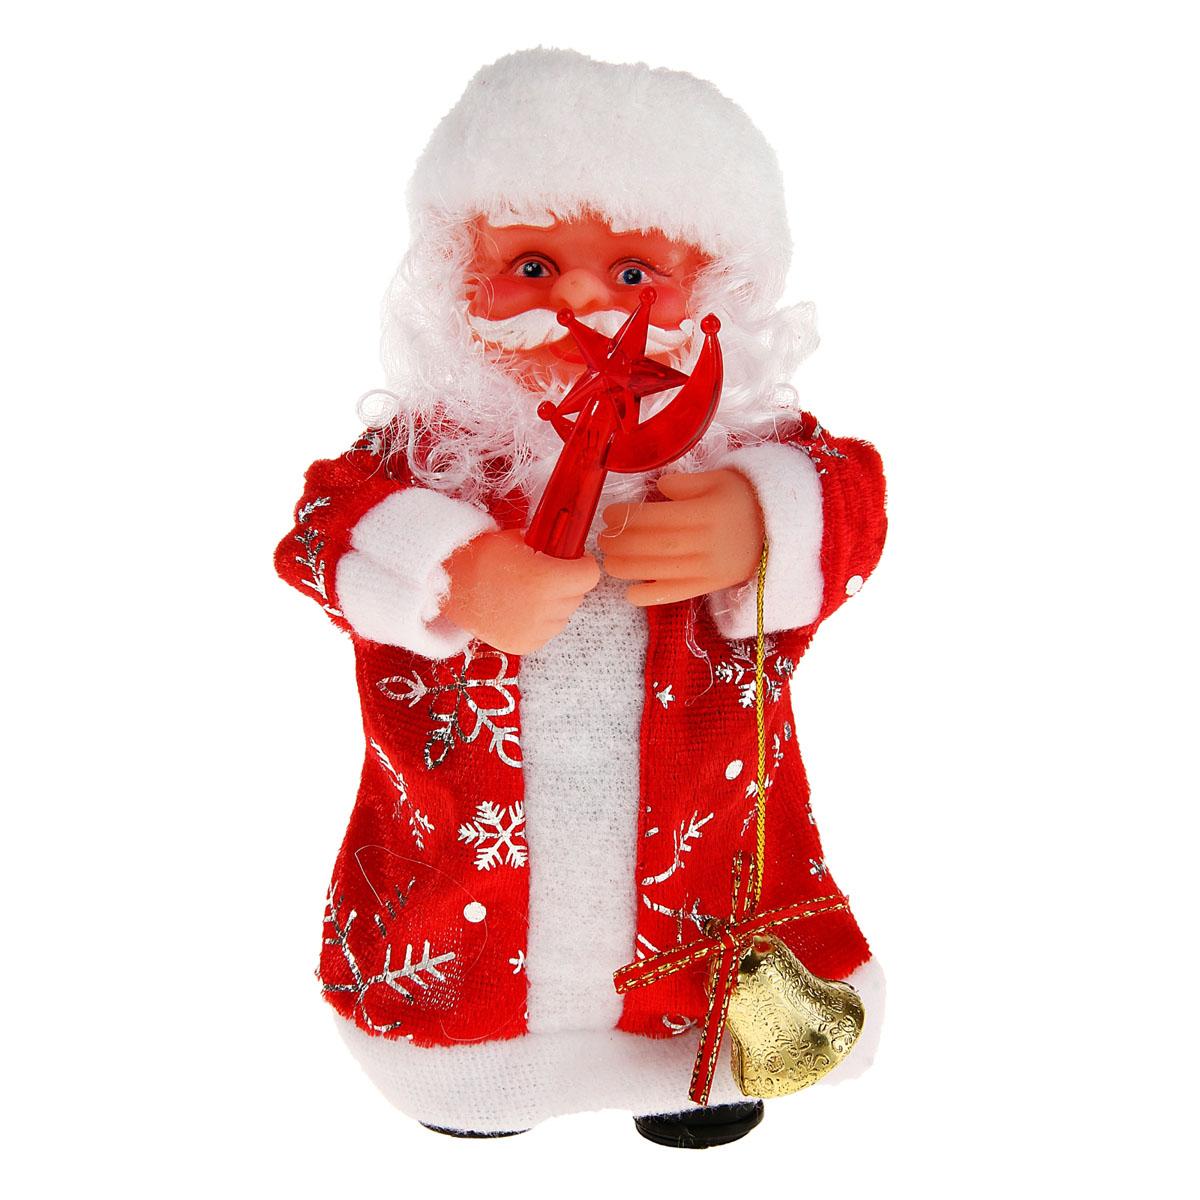 Новогодняя декоративная фигурка Sima-land Дед Мороз со звездой, музыкальная, высота 18 см. 827827827827Новогодняя декоративная фигурка выполнена из высококачественного пластика в виде Деда Мороза. Дед Мороз одет в шубу с опушкой. На голове колпак в цвет шубы. В одной руке Дед Мороз держит фонарик в виде месяца и звезды, а в другой - колокольчик. Особенностью фигурки является наличие механизма, при включении которого играет мелодия и загорается фонарик. Его добрый вид и очаровательная улыбка притягивают к себе восторженные взгляды. Декоративная фигурка Дед Мороз подойдет для оформления новогоднего интерьера и принесет с собой атмосферу радости и веселья.